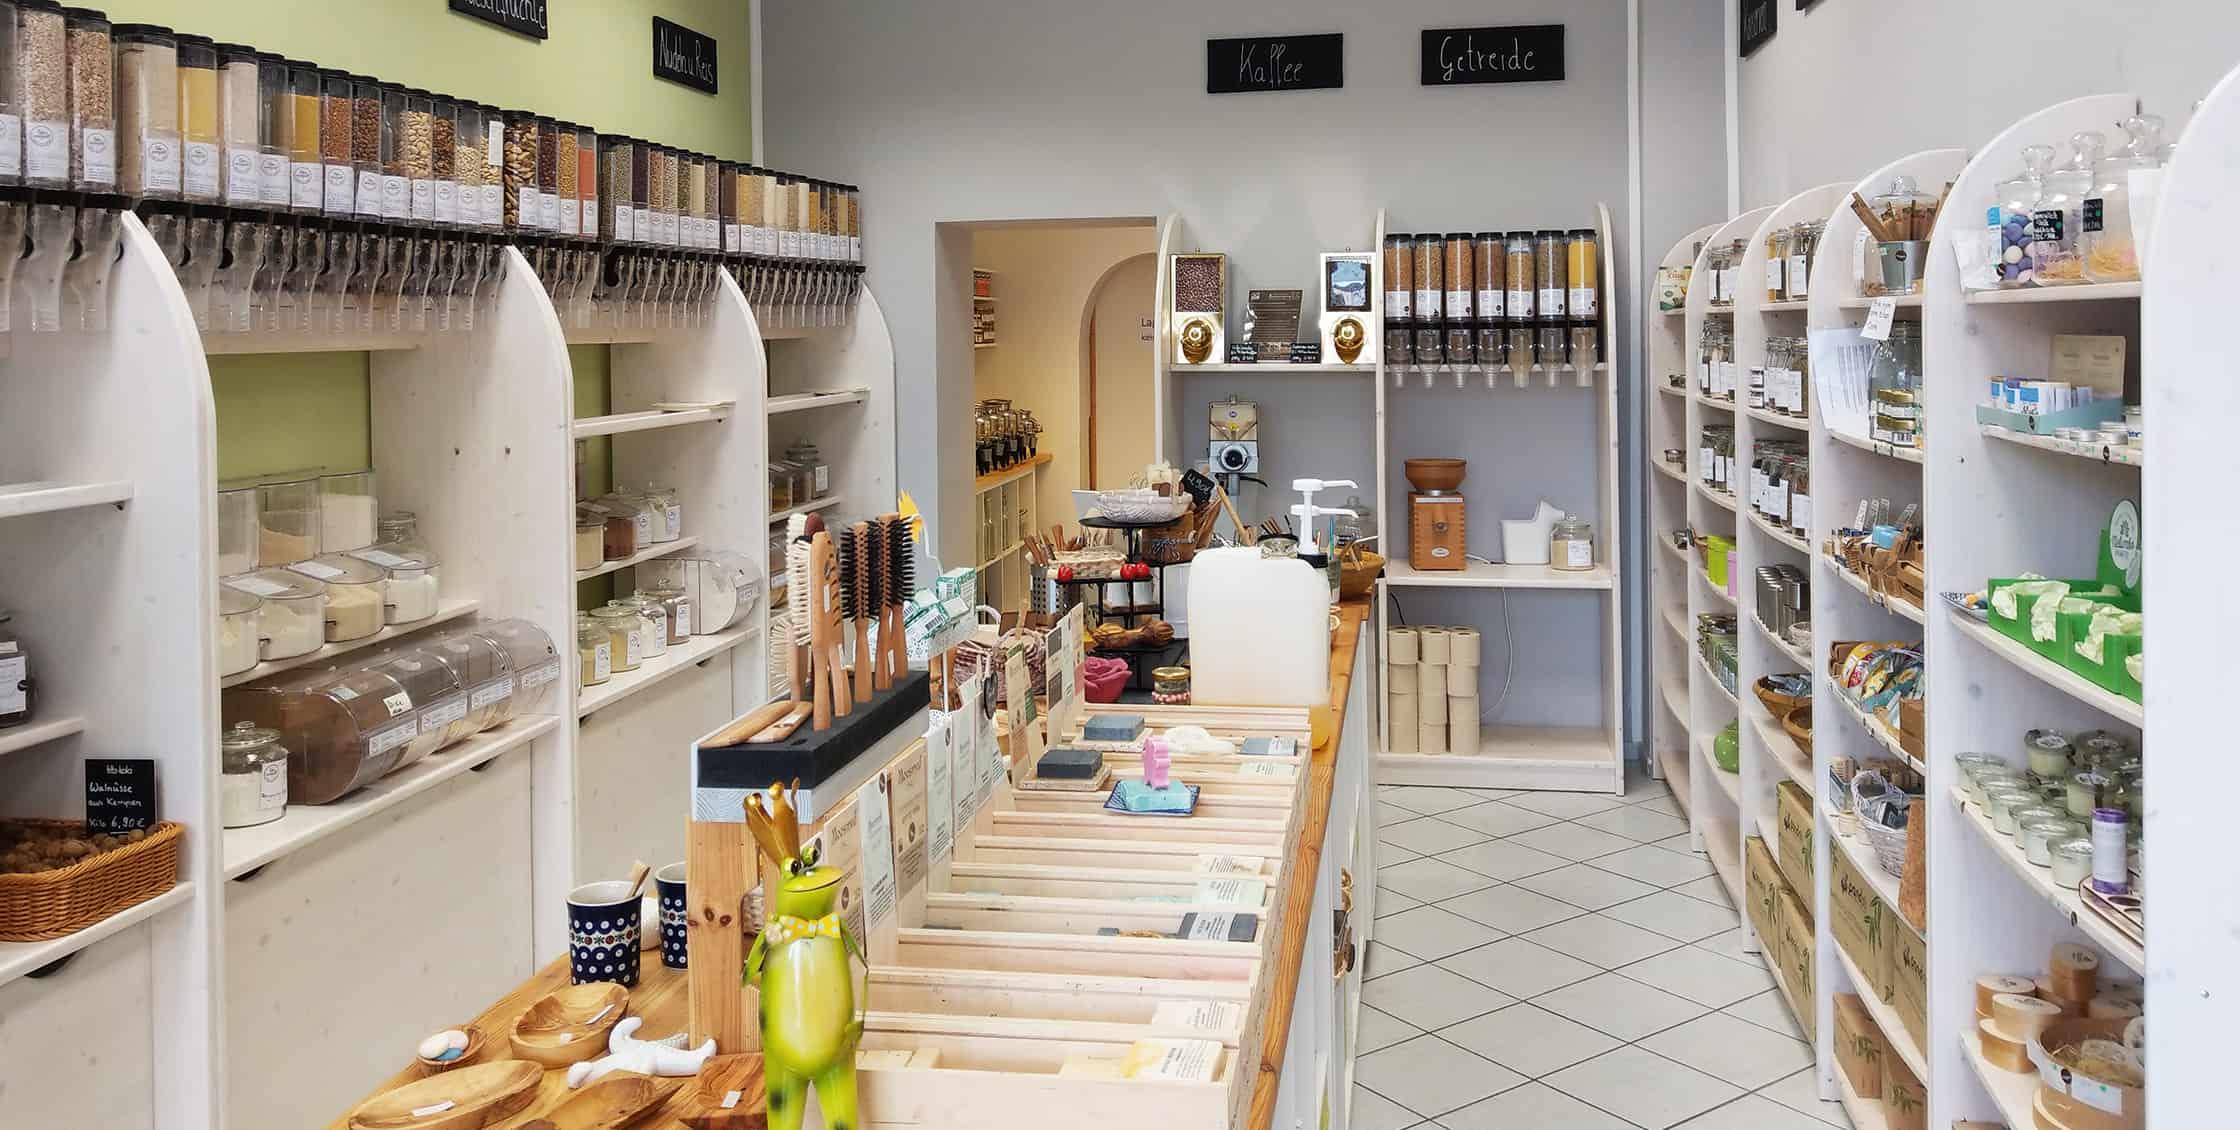 startkrefeld - Erfolgsgeschichte aus Krefeld: Der Unverpackt-Laden